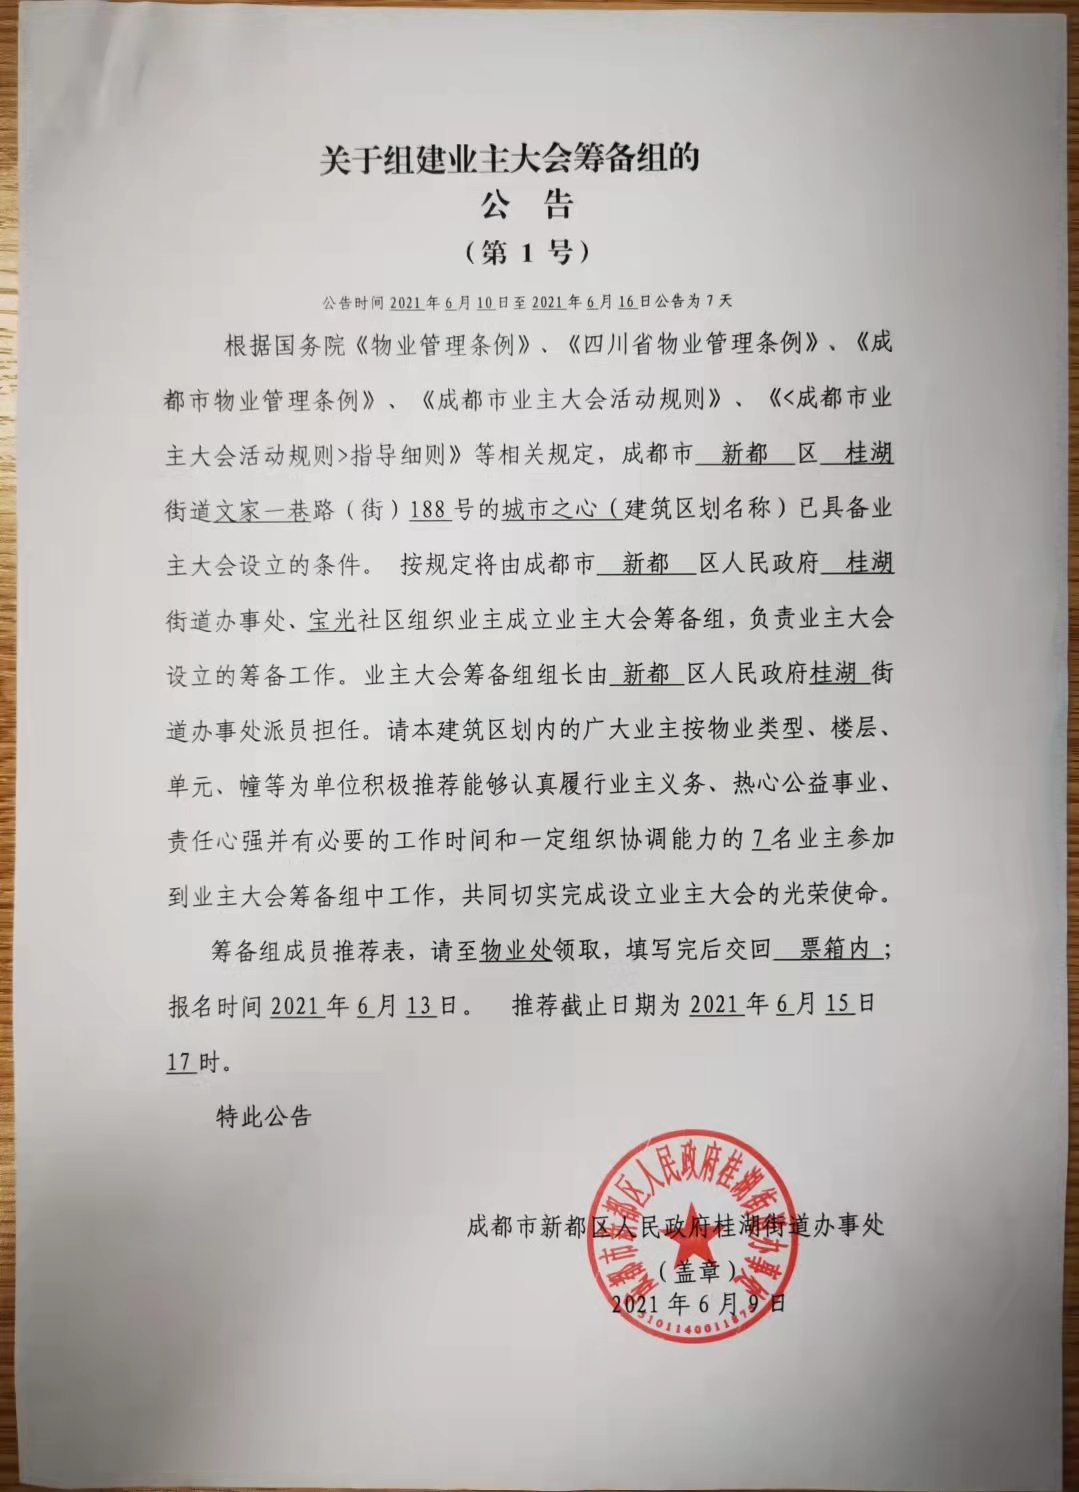 【业委会】2021.6.9桂湖街道宝光社区出《1号公告》公示7天推荐票3天 新都区业主委员会-第2张